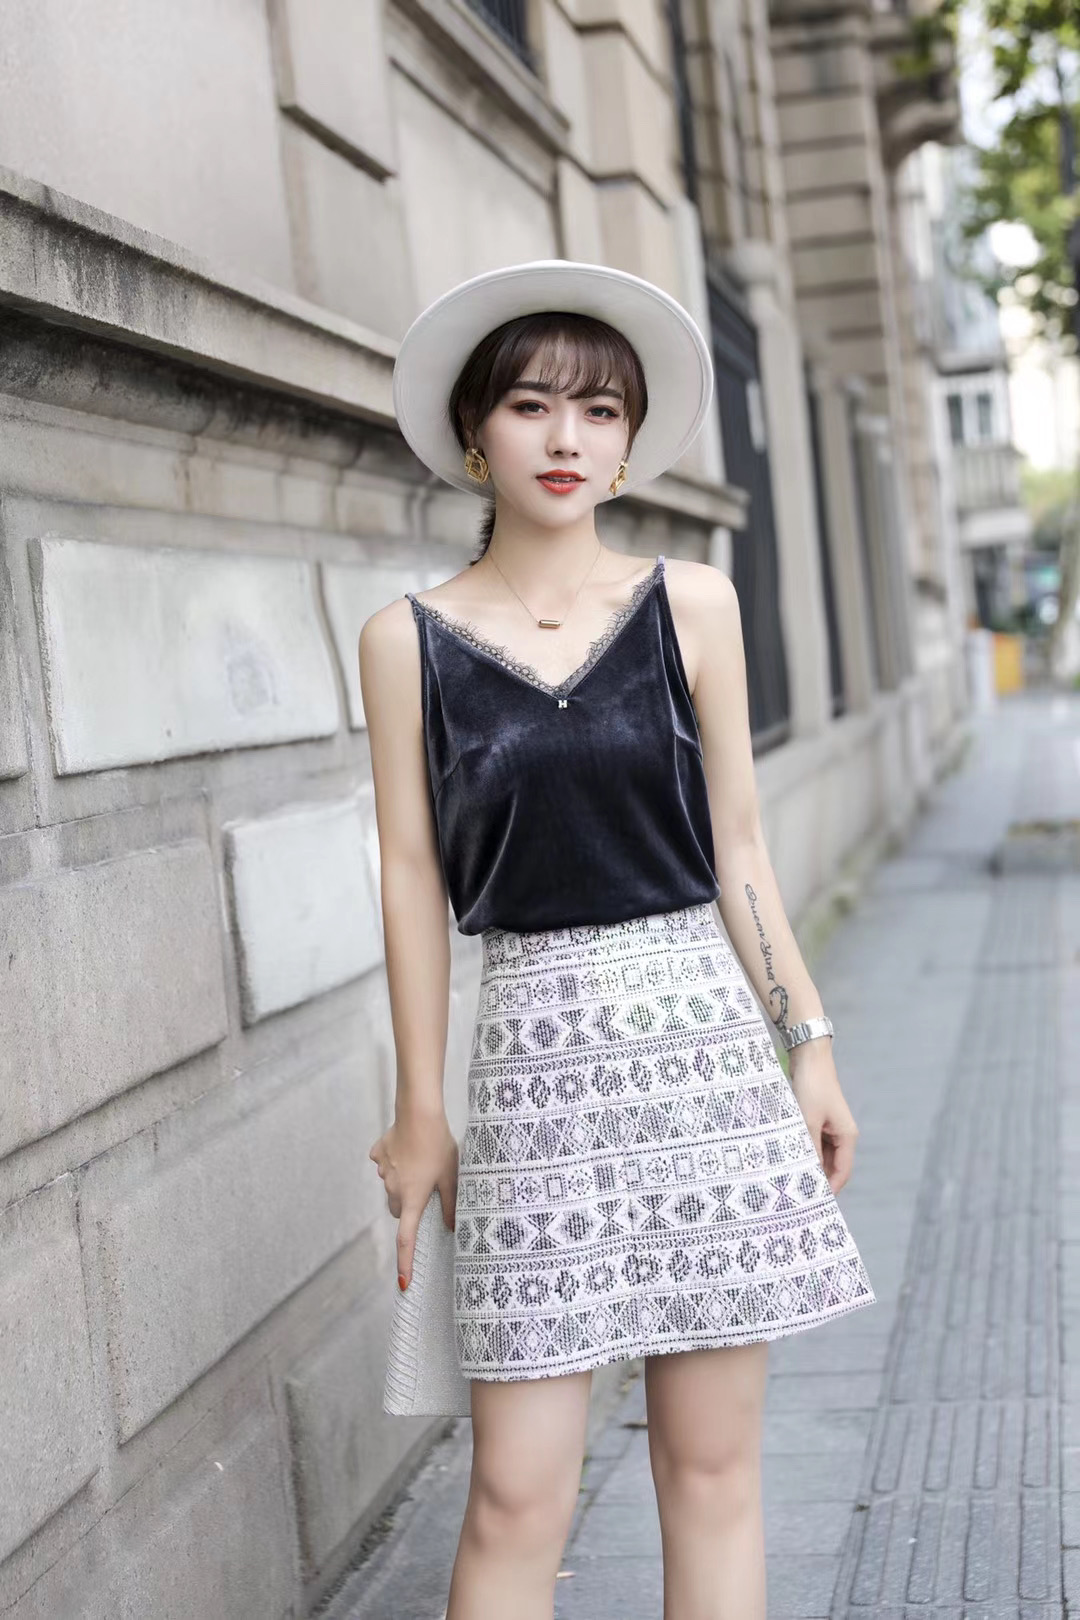 丝绒扣MGK新2020欧洲站性感蘑菇背心内搭外穿女人味现货吊带女